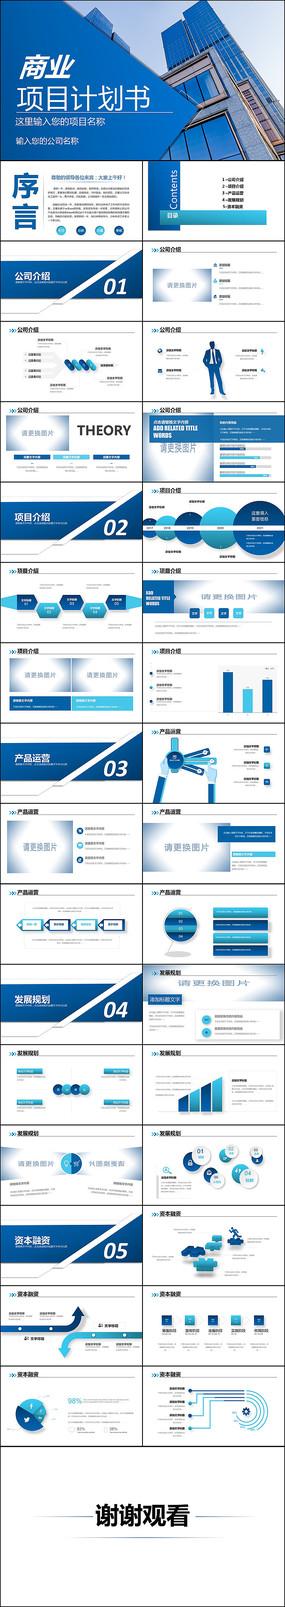 高端企业创业项目商业计划书PPT